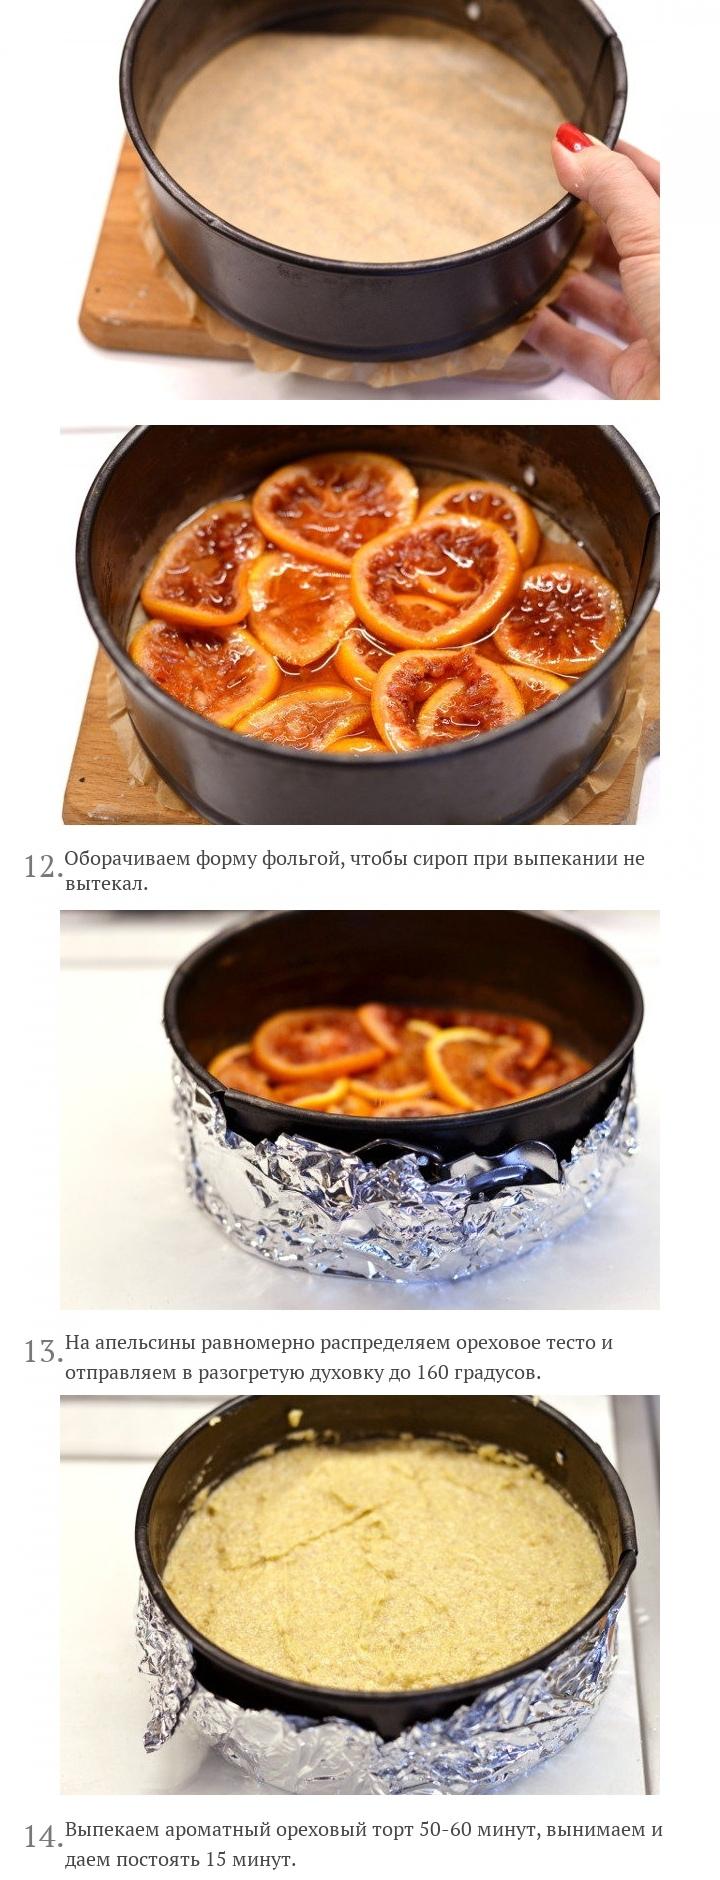 Ореховый торт с апельсинами, изображение №5